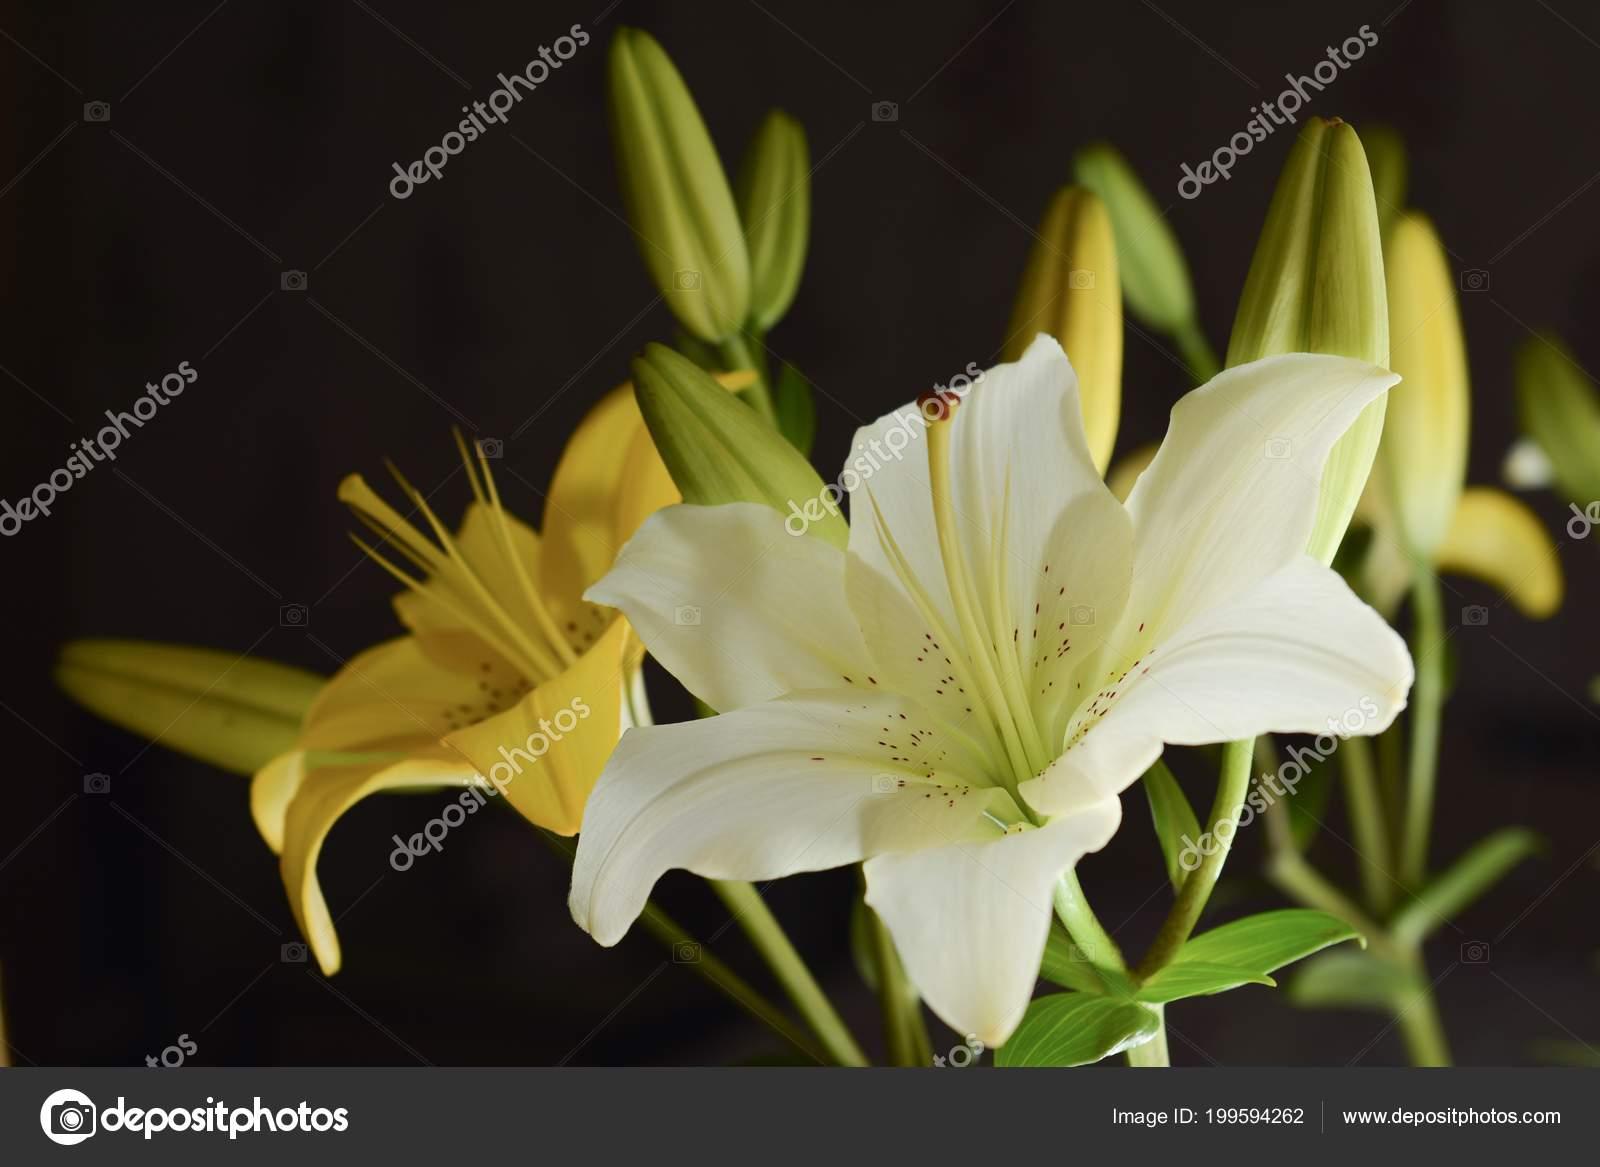 White Lilies Flowers Garden Stock Photo Armastus 199594262